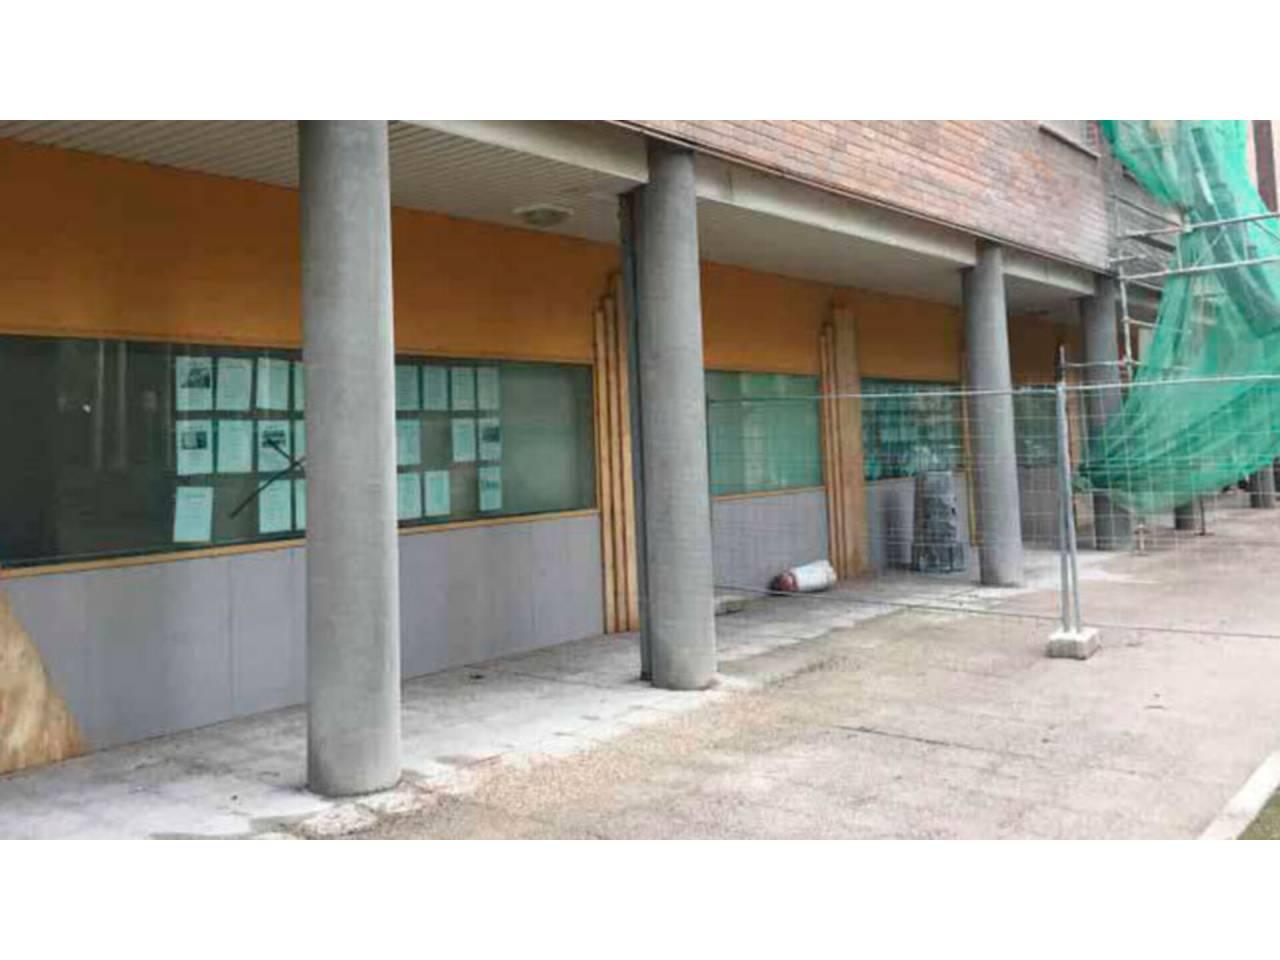 VENTA DE LOCAL EN ERMITAGAñA-MENDEBALDEA-ETXABAKOITZ, PAMPLONA – IRUñA | REF. (004383)